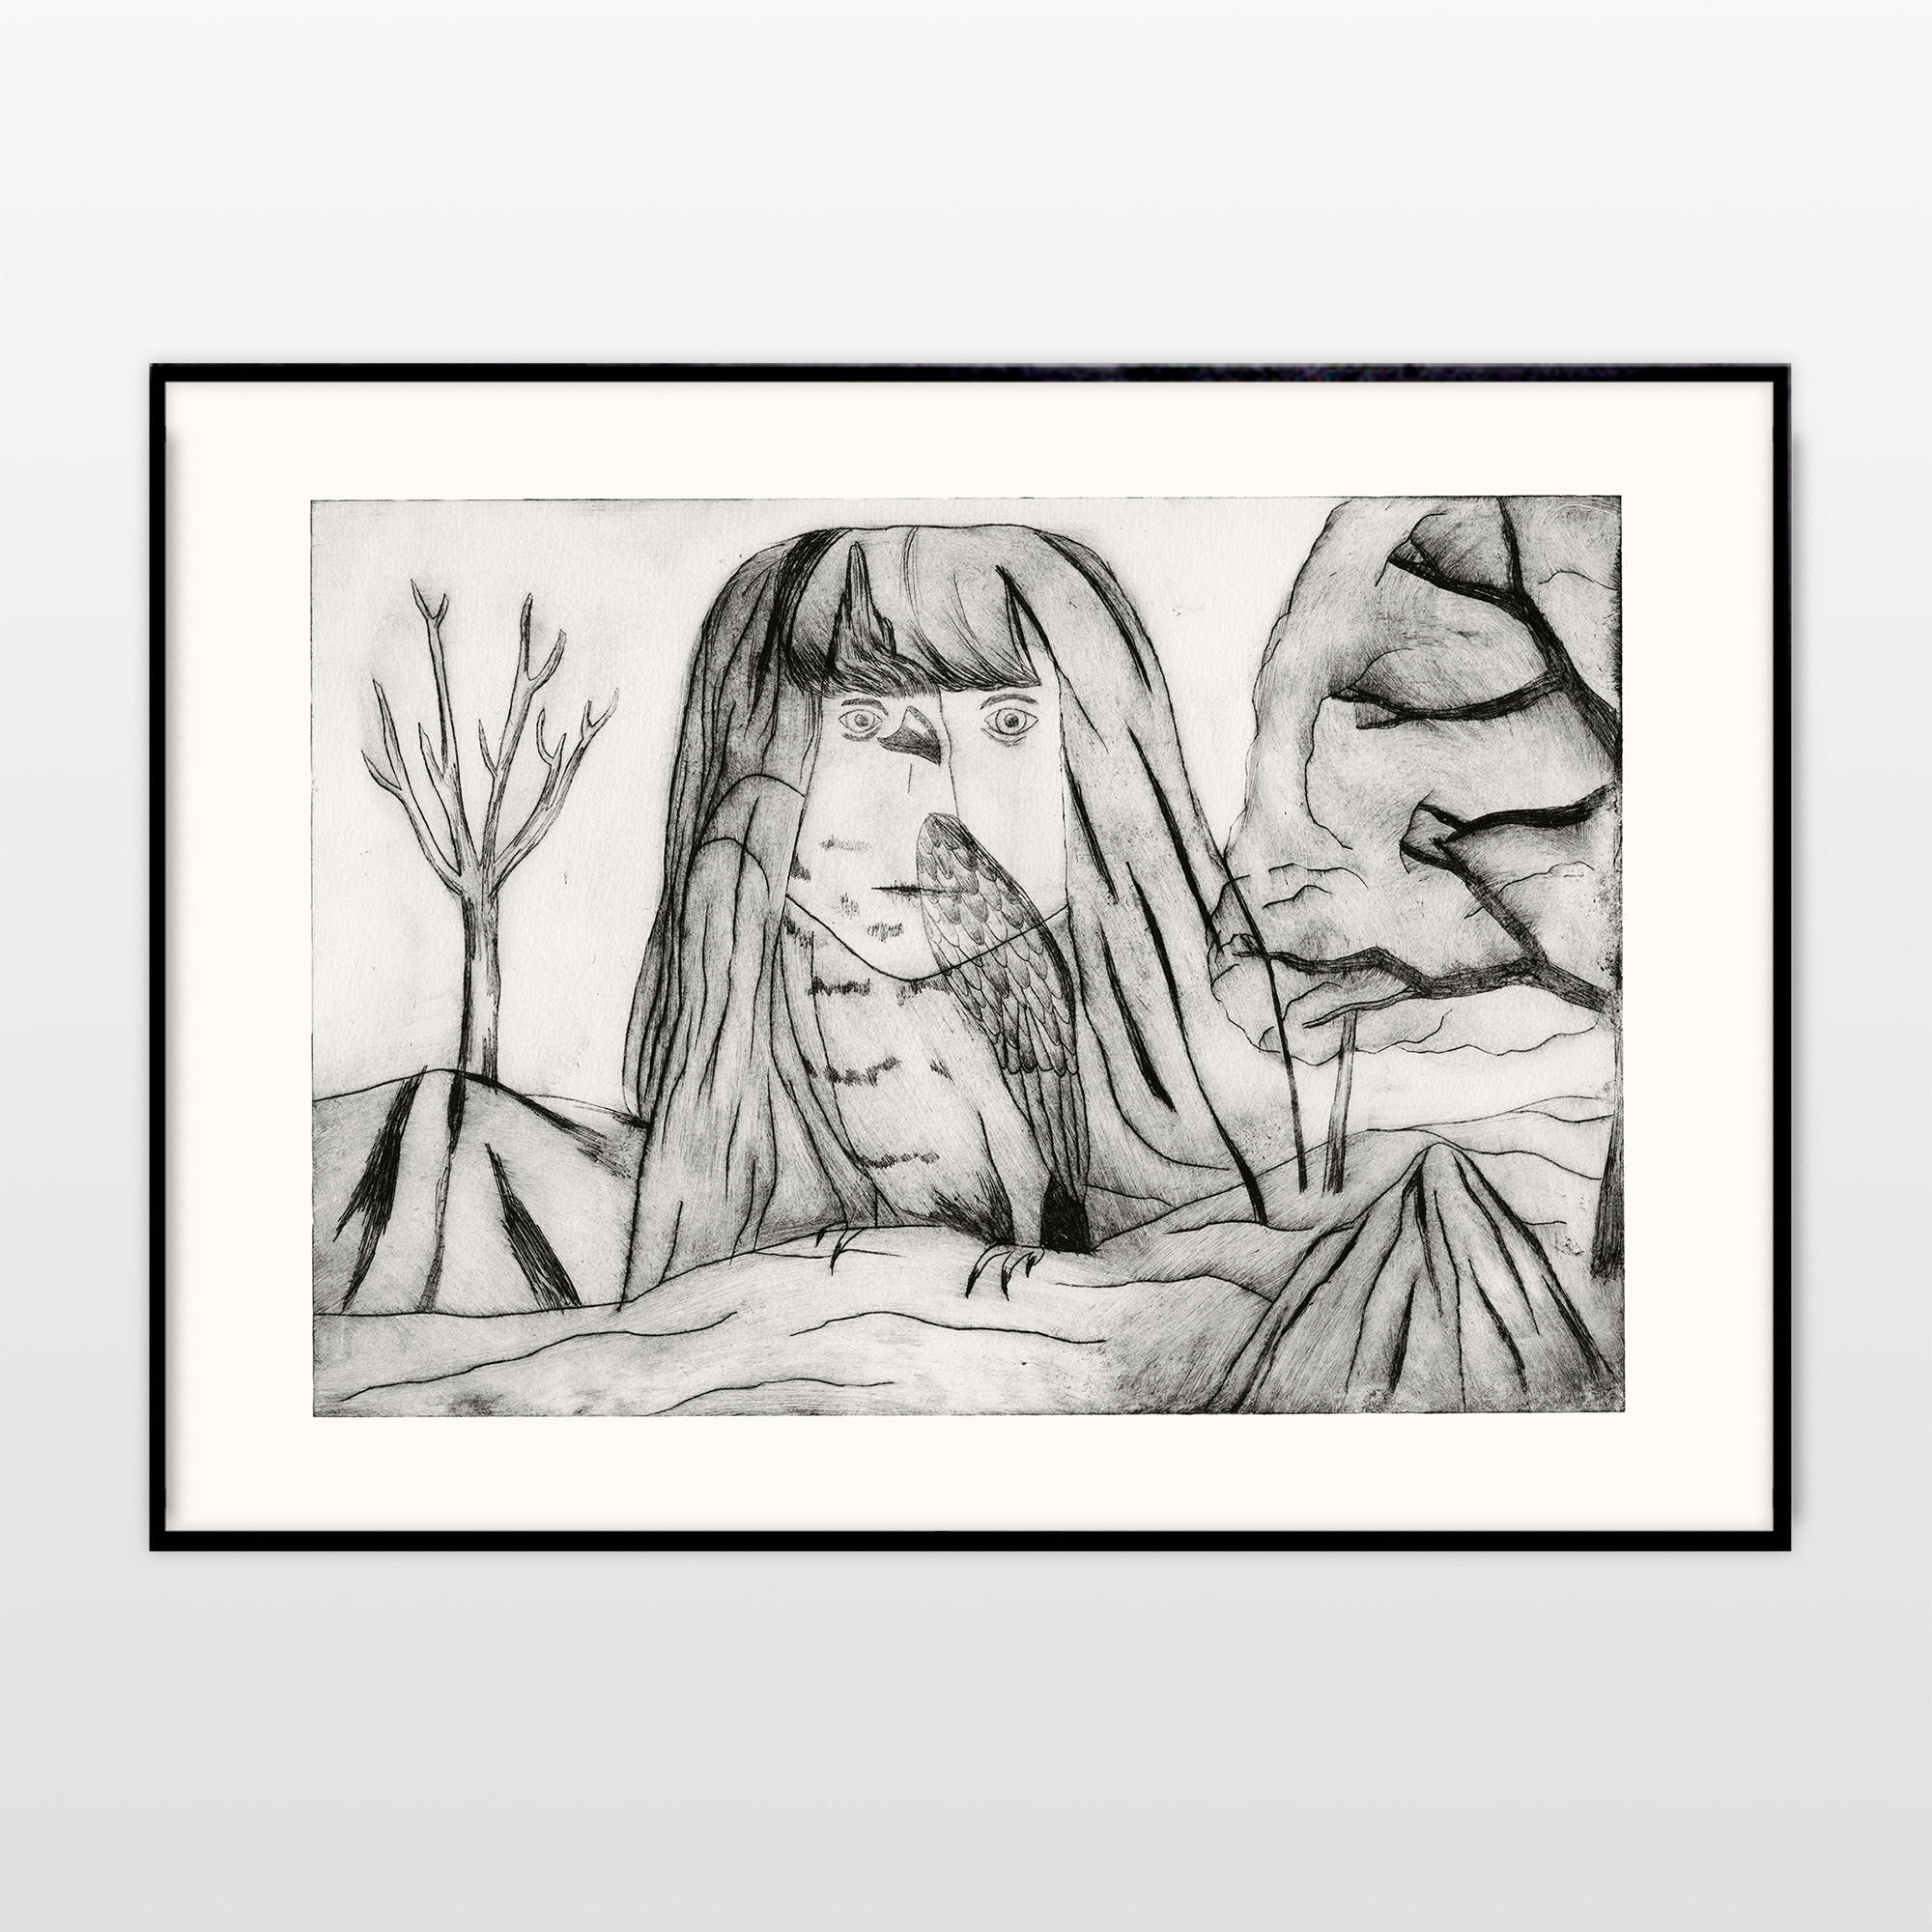 plakater, gicleé, dyr, børnevenlige, illustrative, monokrome, dyreliv, kroppe, humor, mennesker, kæledyr, vilde-dyr, sorte, grå, hvide, blæk, papir, sjove, fugle, sort-hvide, dansk, dekorative, design, interiør, bolig-indretning, moderne, moderne-kunst, nordisk, skandinavisk, Køb original kunst og kunstplakater. Malerier, tegninger, limited edition kunsttryk & plakater af dygtige kunstnere.